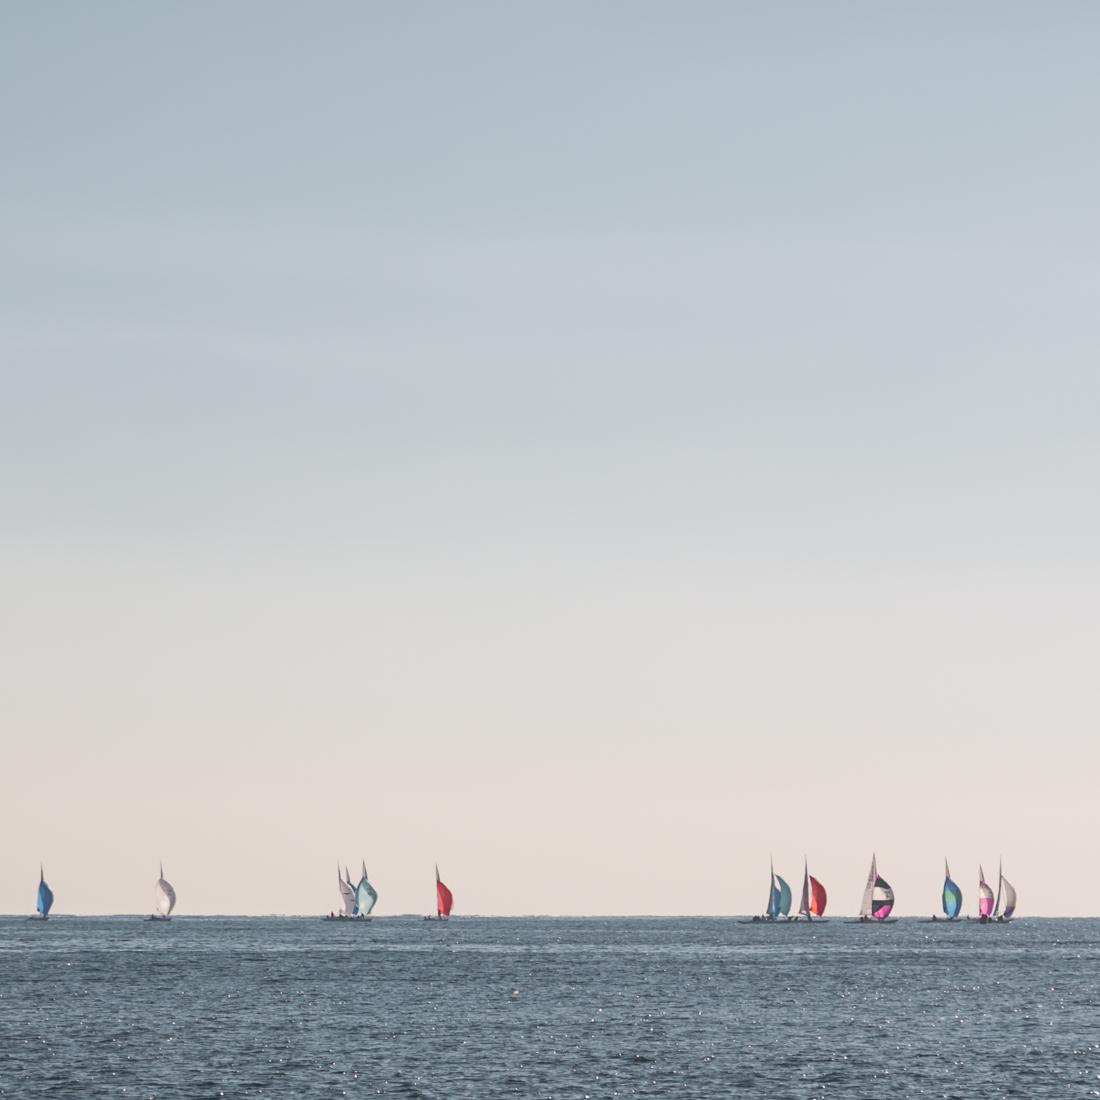 cannes majestic barriere fouquets la plage copyright Pauline paulinefashionblog com 12 Un week end à Cannes